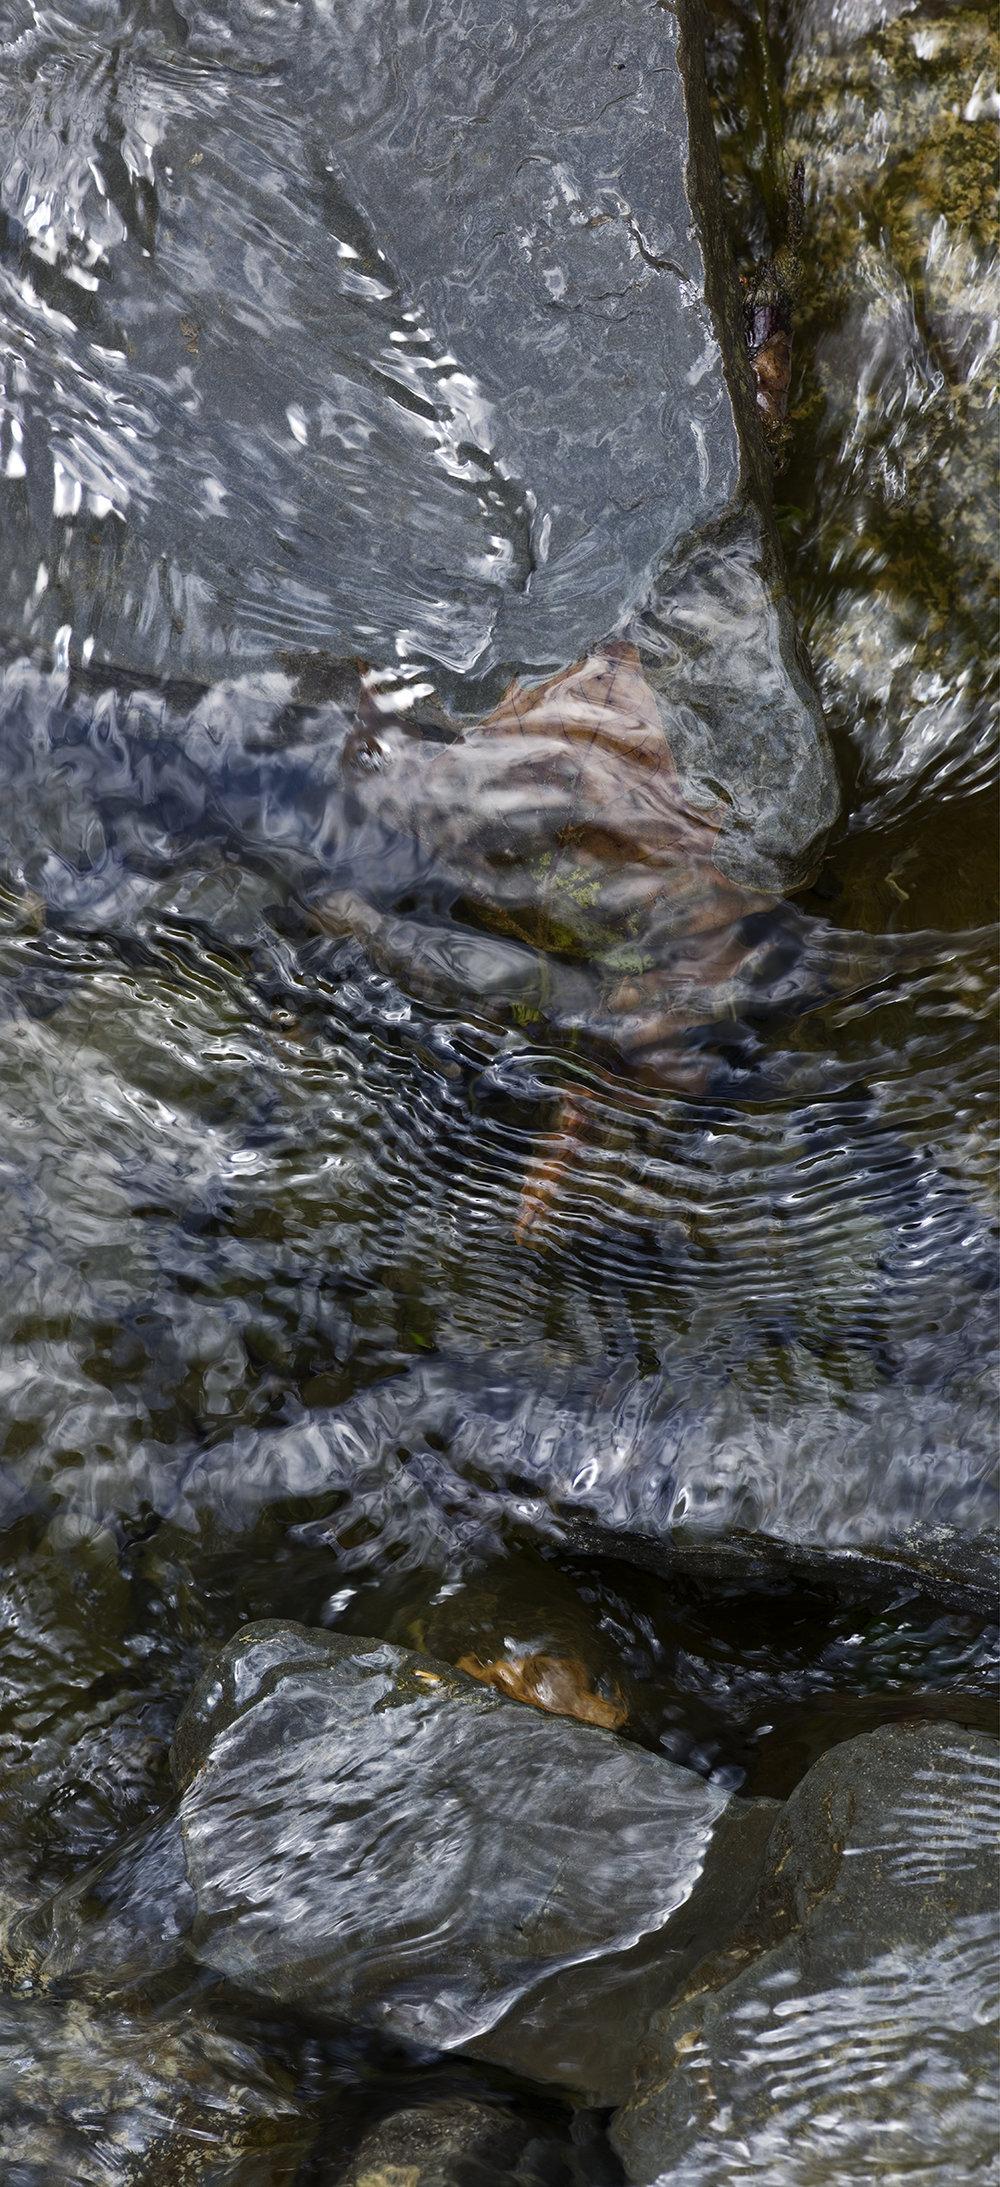 Flujo - 2 +.jpg